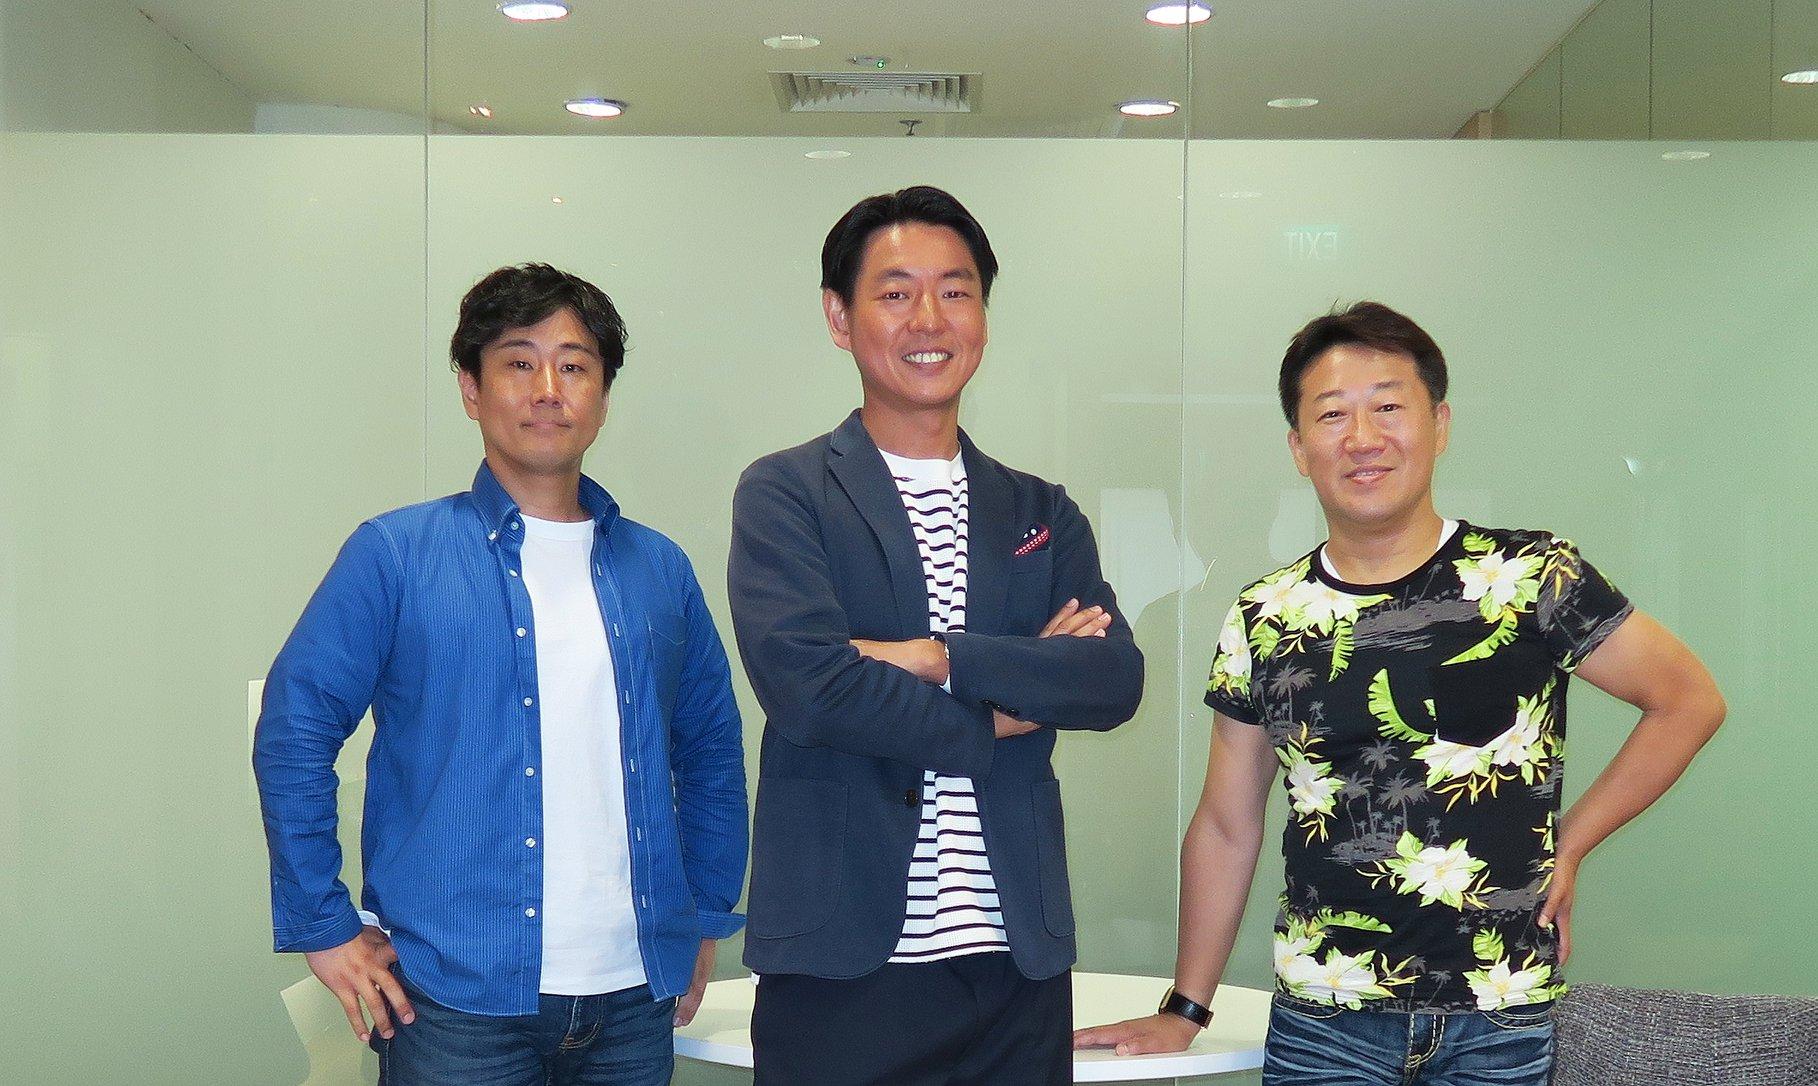 Dou creations Dai Kichiji, Mr. Katou, Mr. Washizu